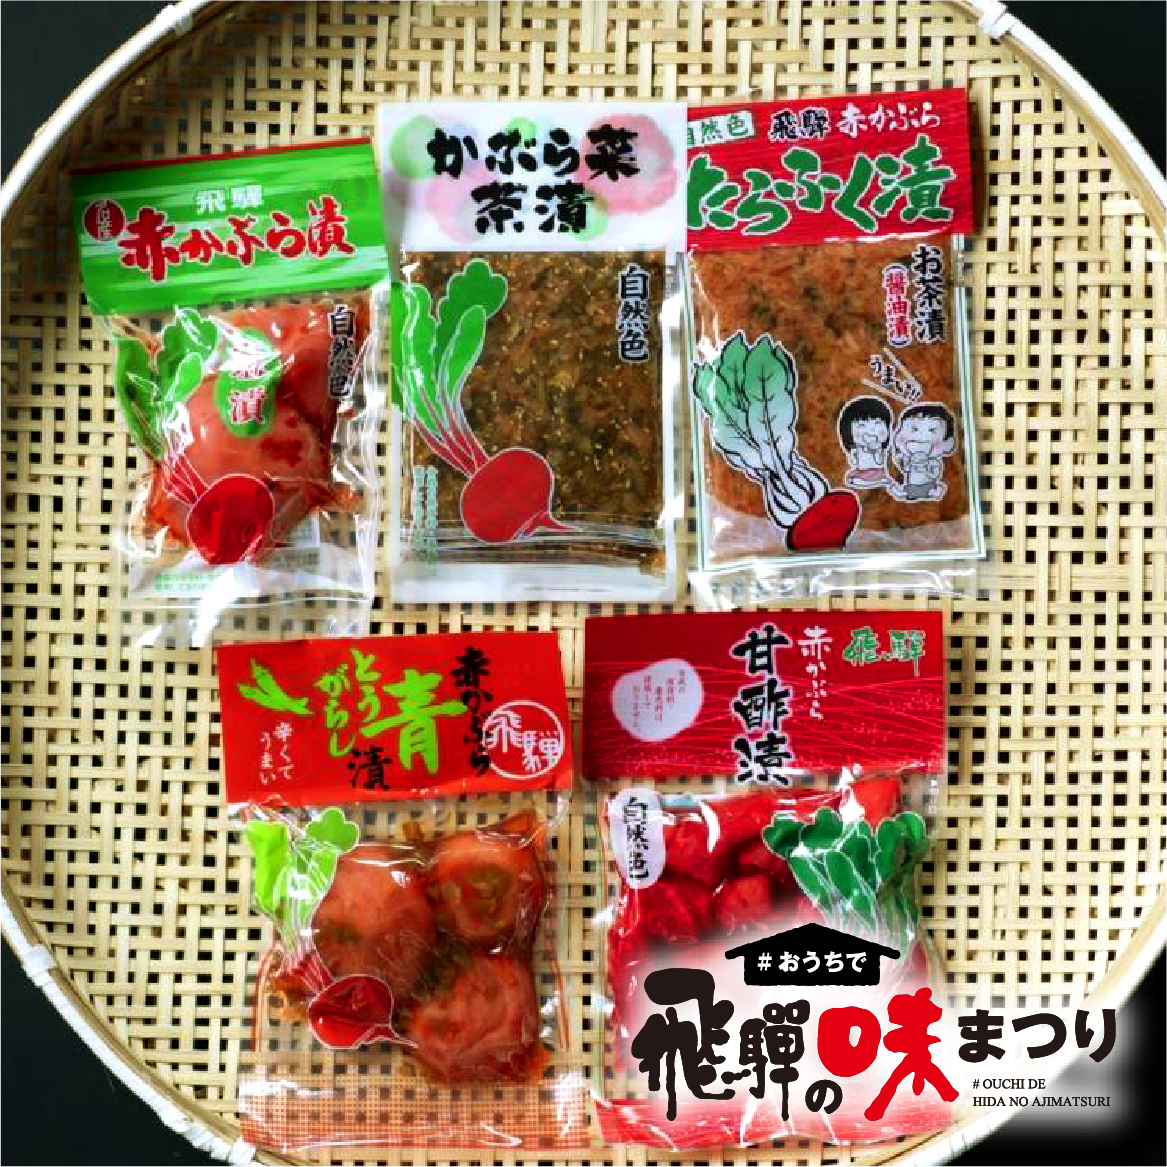 モリモ食品の商品画像